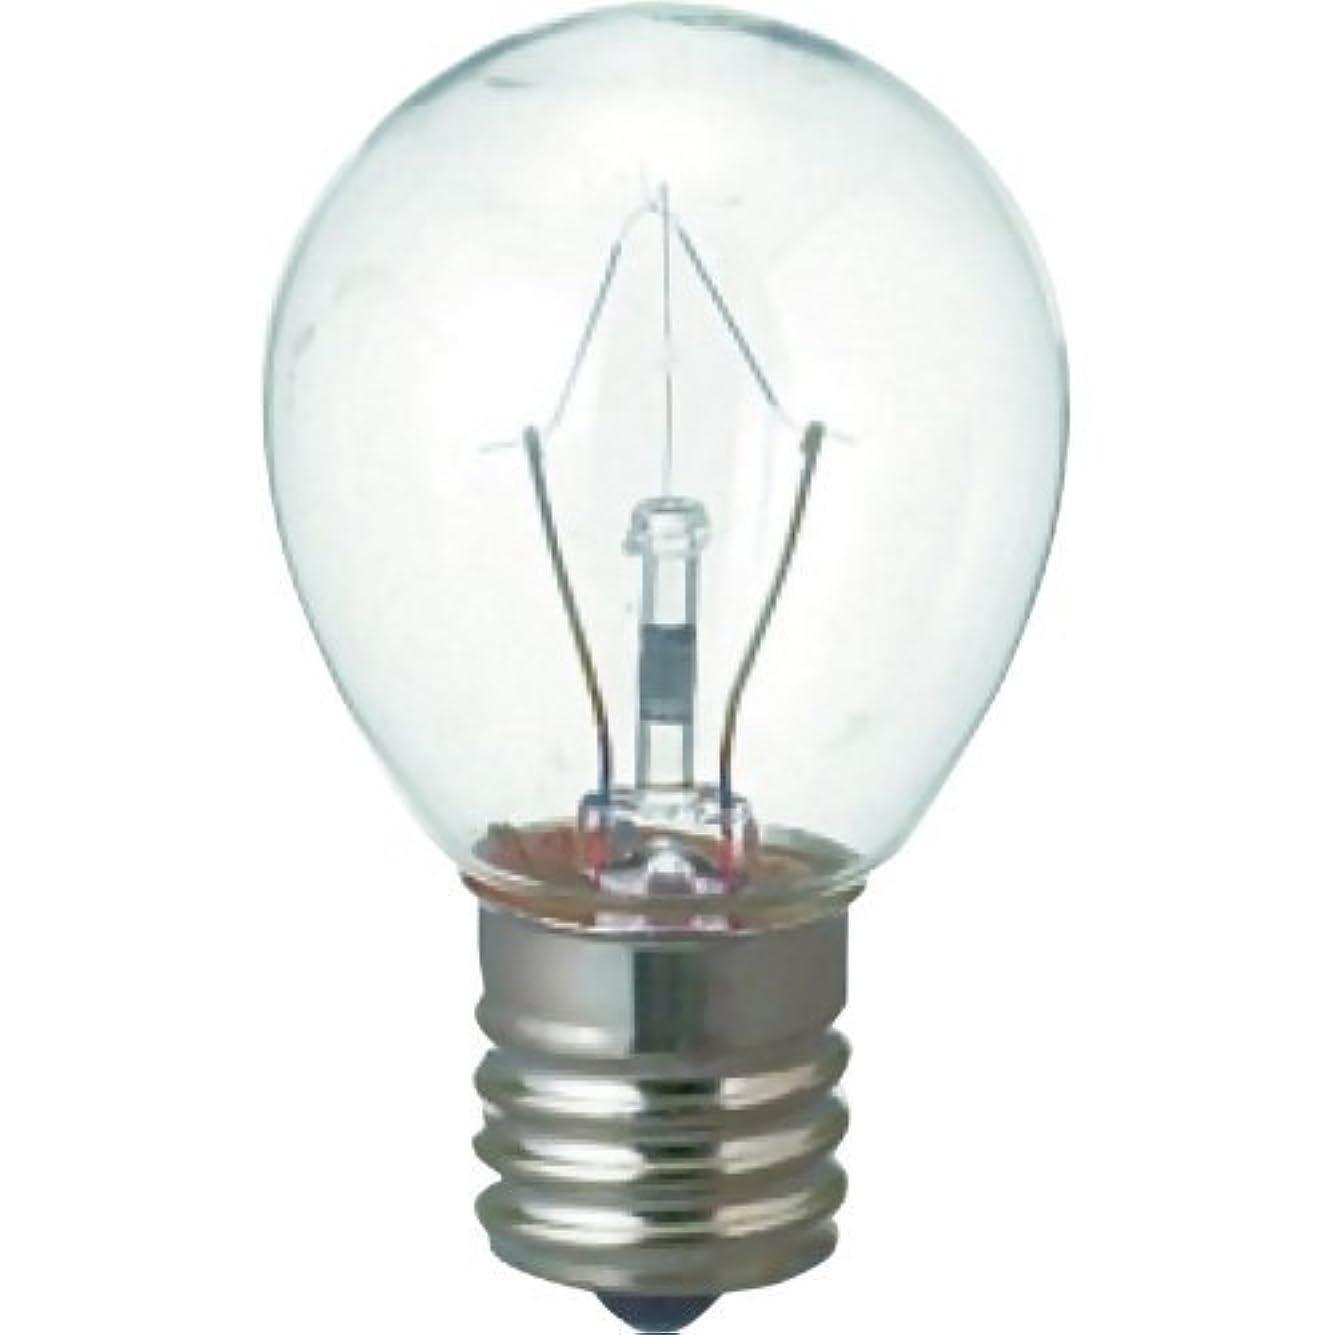 酸化物ブルゴーニュ依存するアロマランプ電球 100V25W